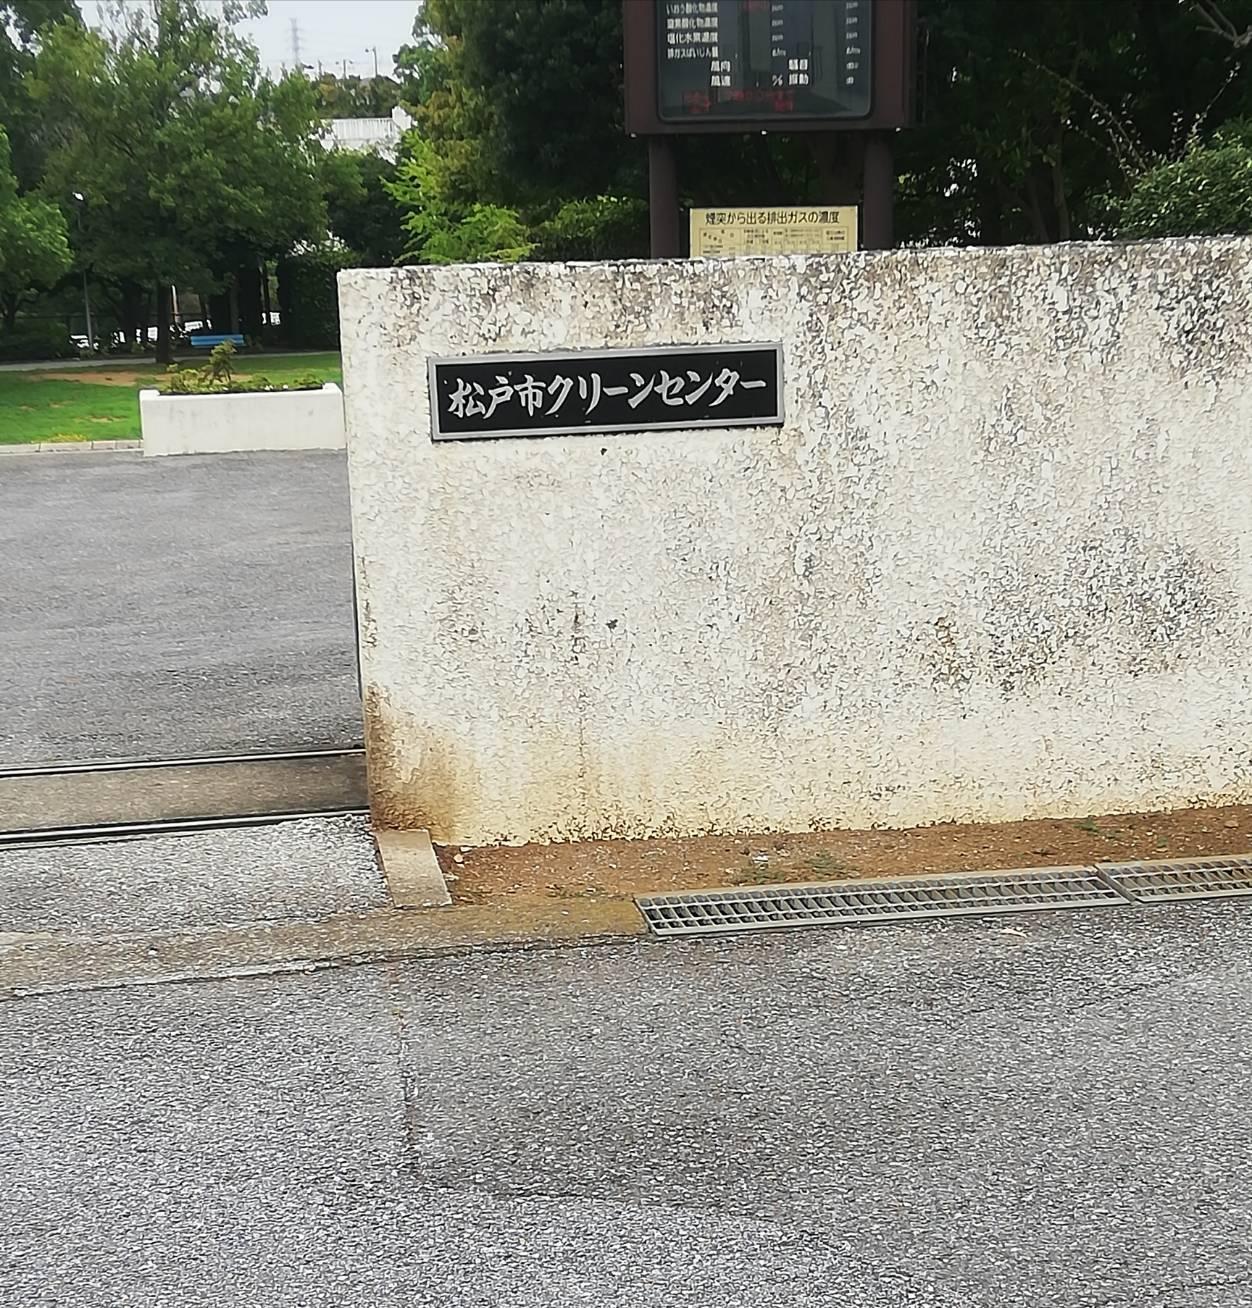 松戸市クリーンセンター停止閉鎖